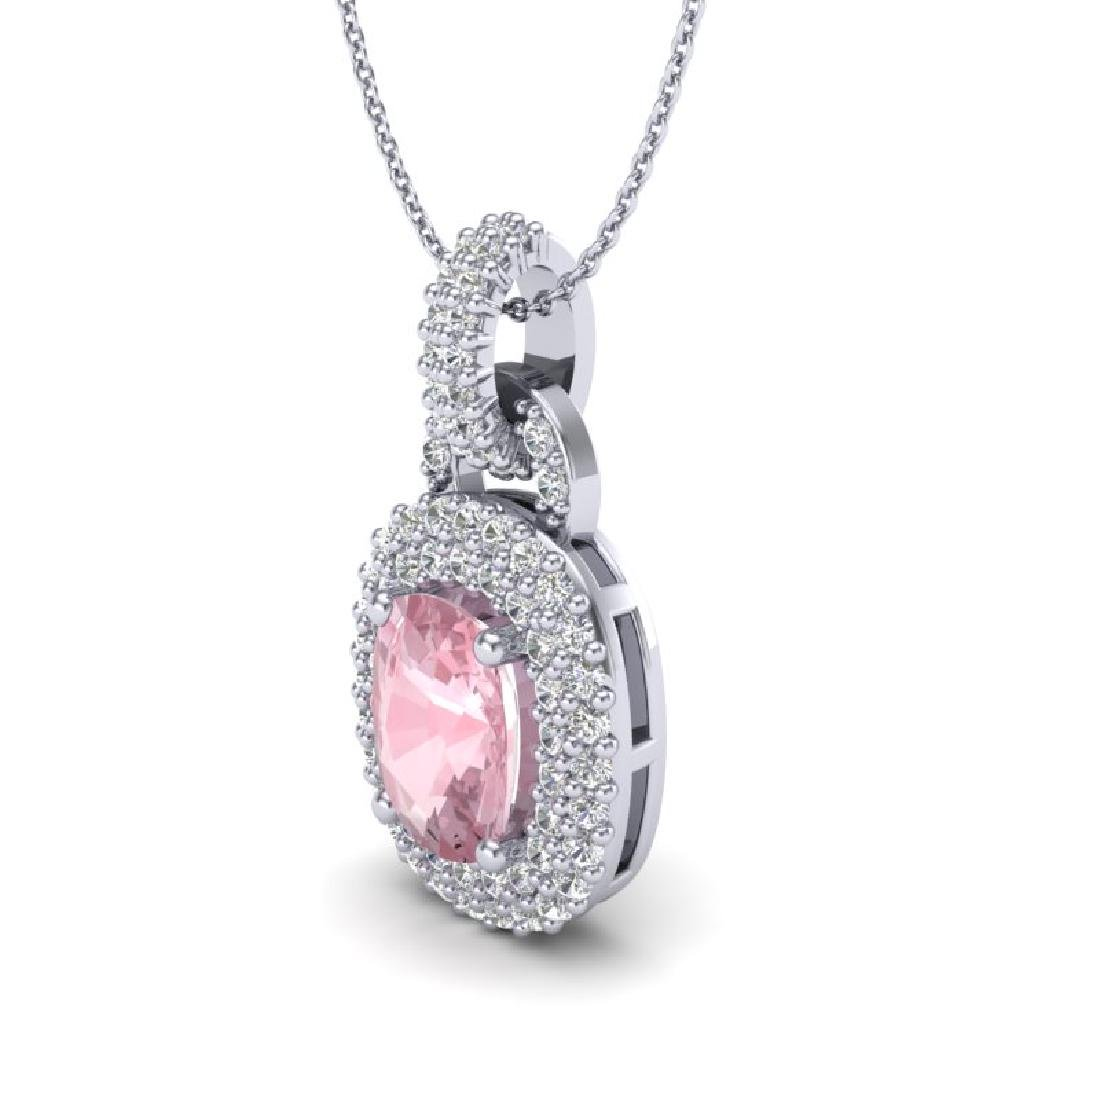 2.50 CTW Morganite & Micro Pave VS/SI Diamond Necklace - 2